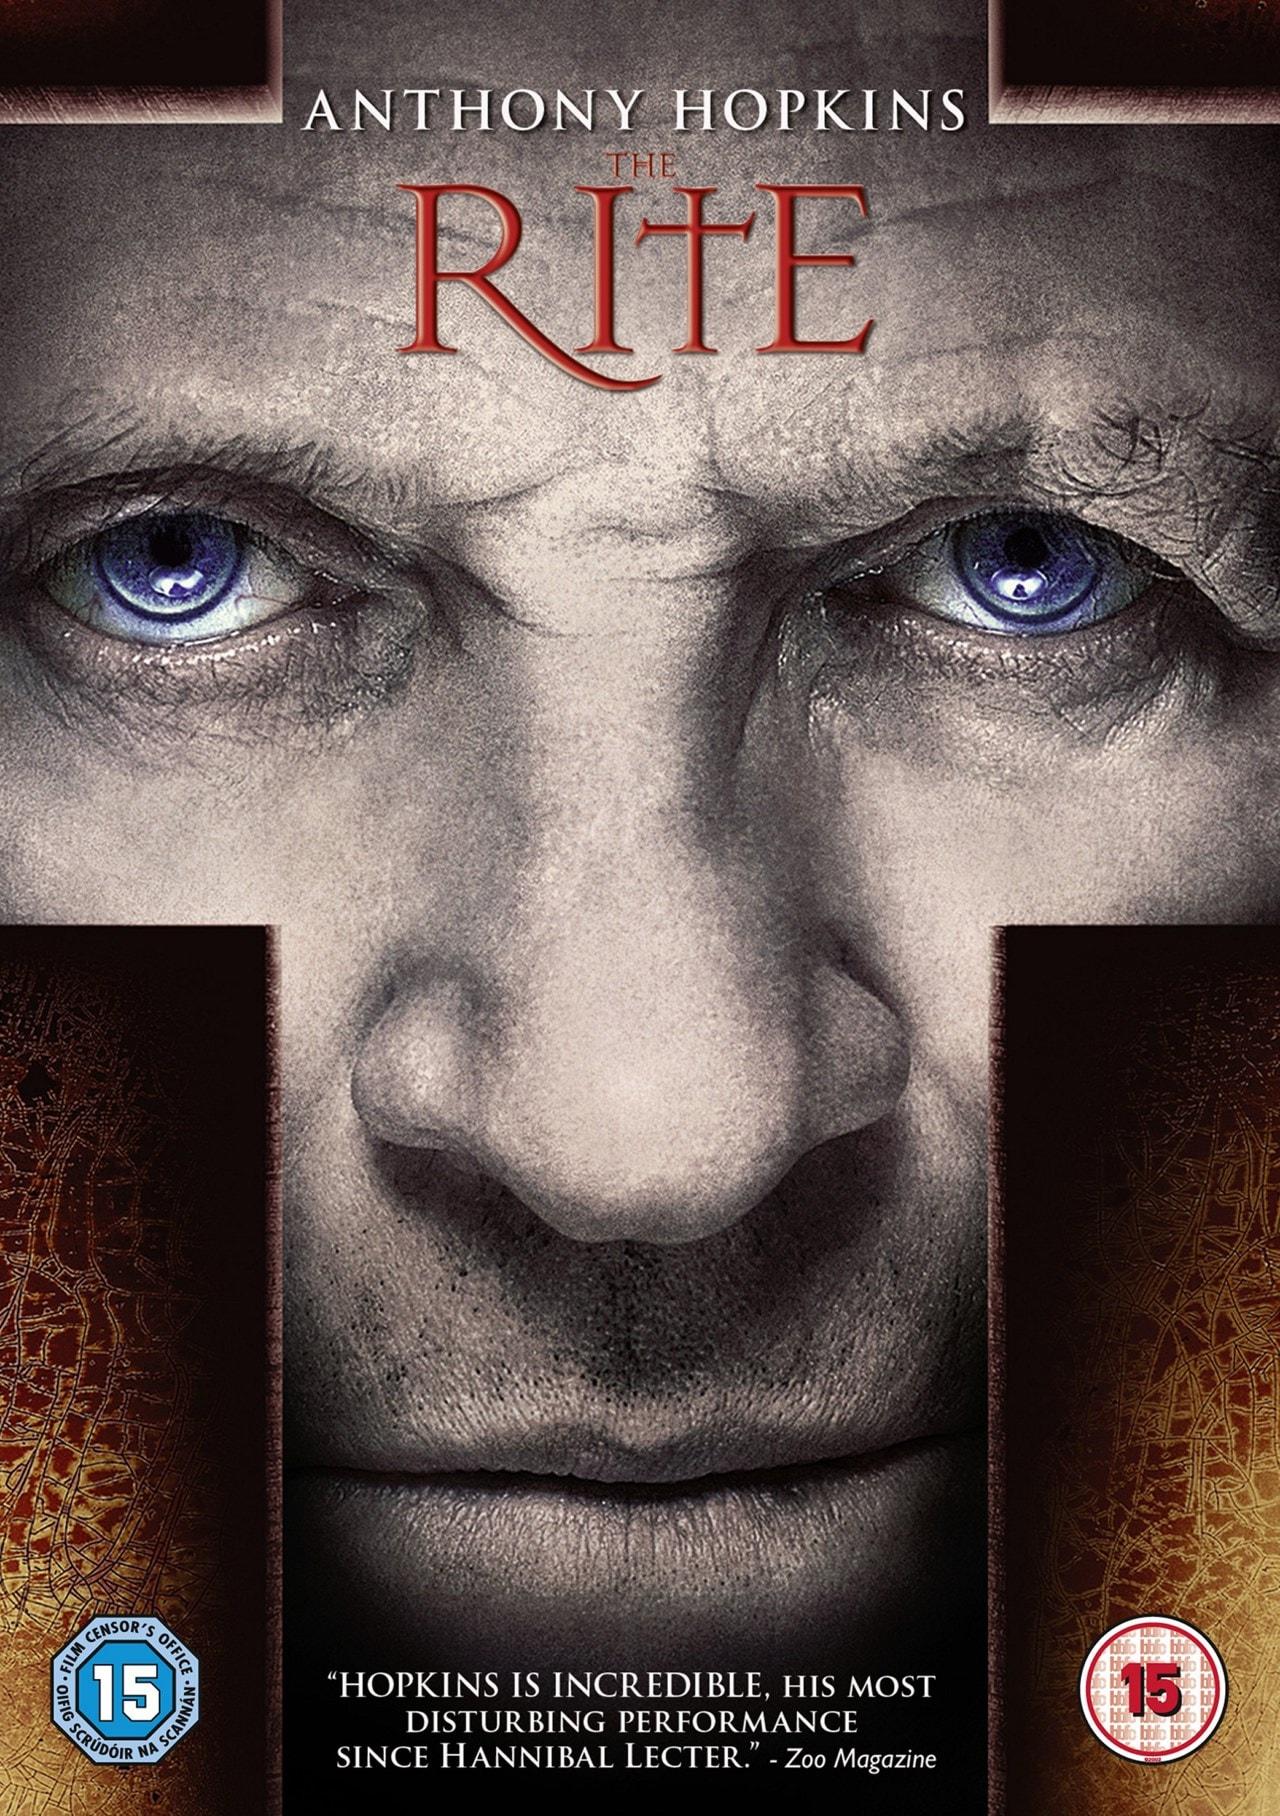 The Rite - 1